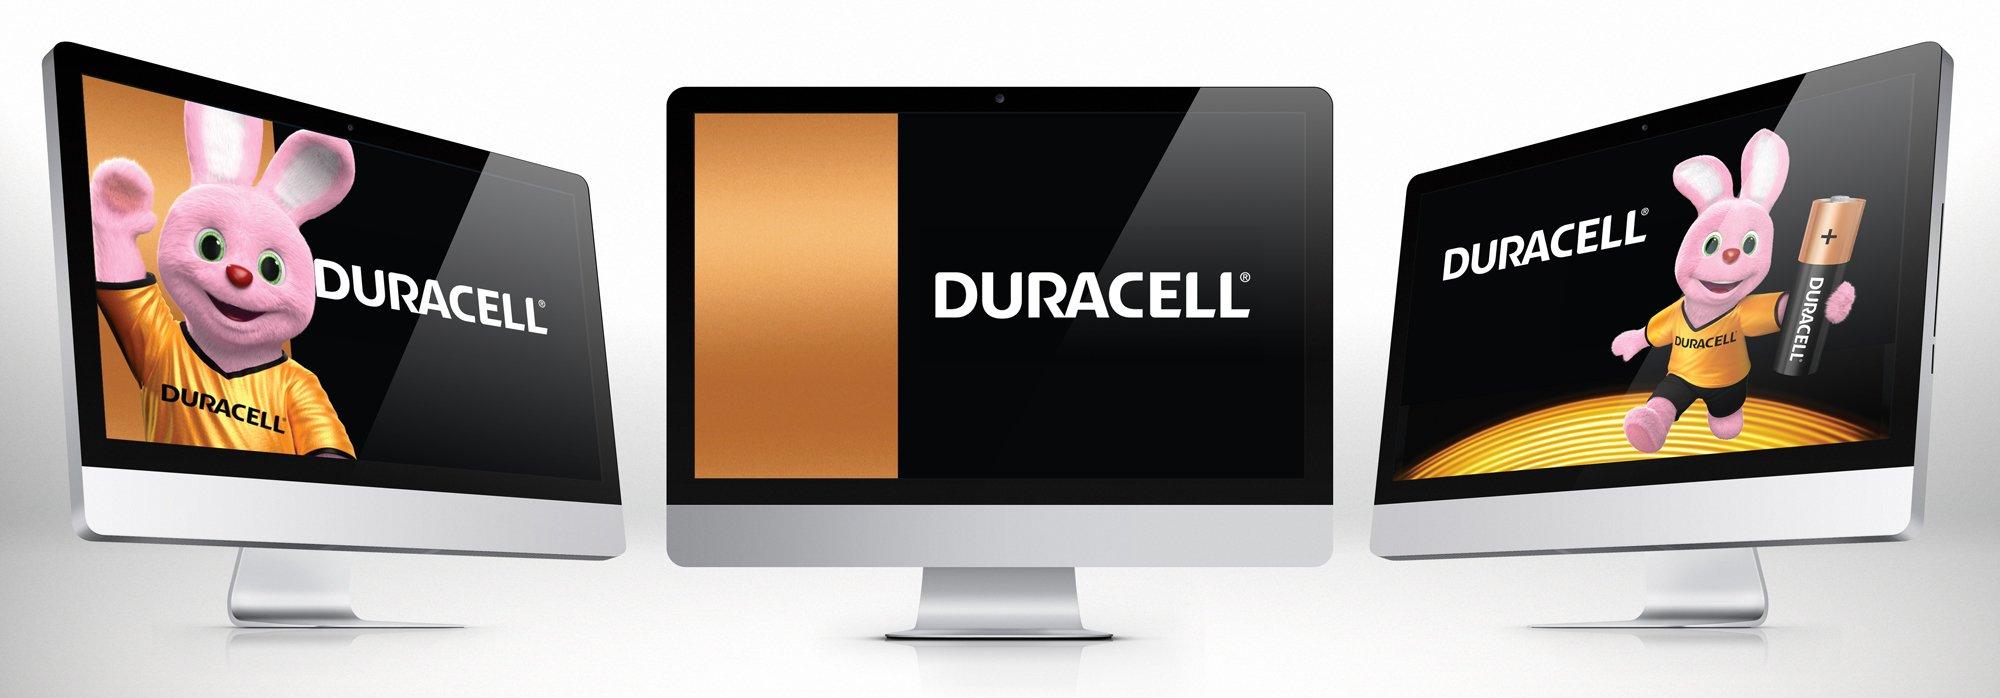 Duracell-ss-Mac1